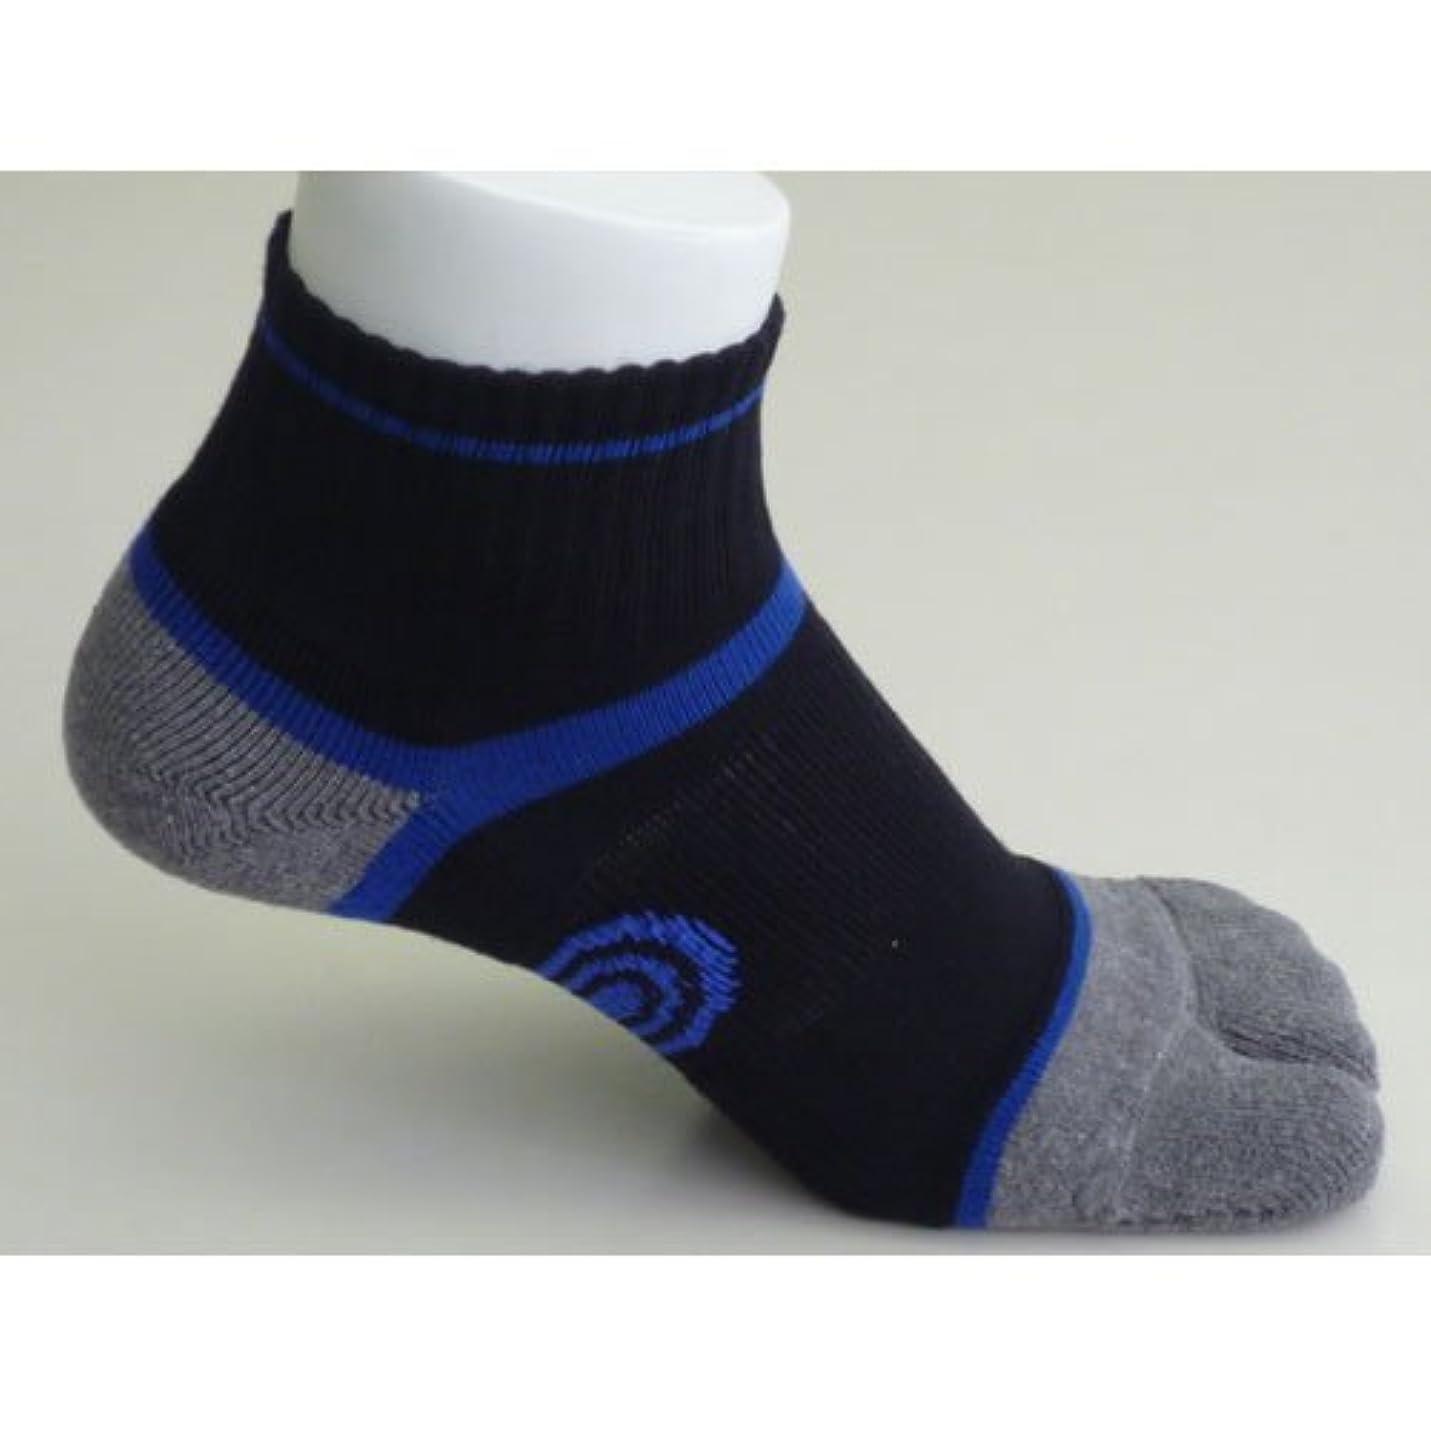 集団考古学的なリクルート草鞋ソックス M(25-27cm)ブルー 【わらじソックス】【炭の靴下】【足袋型】